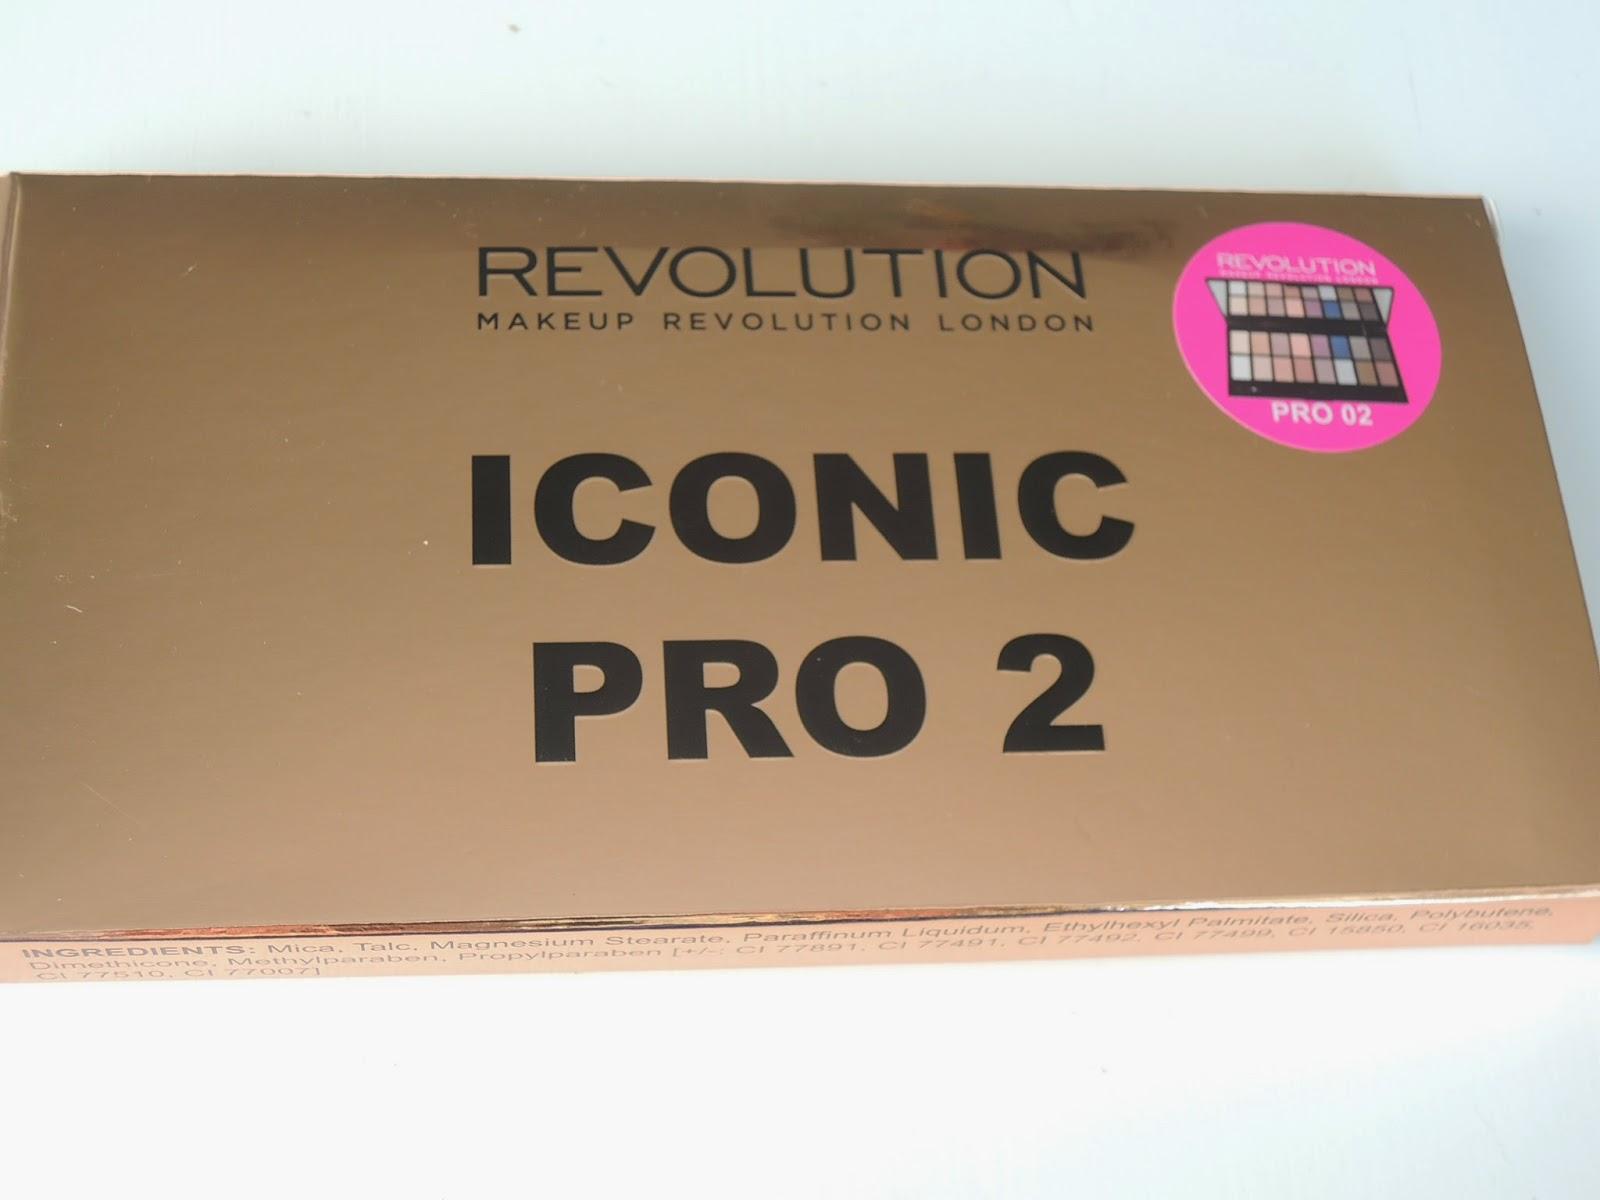 Nie mogłam się powstrzymać, czyli Iconic Pro 2 od Makeup Revolution